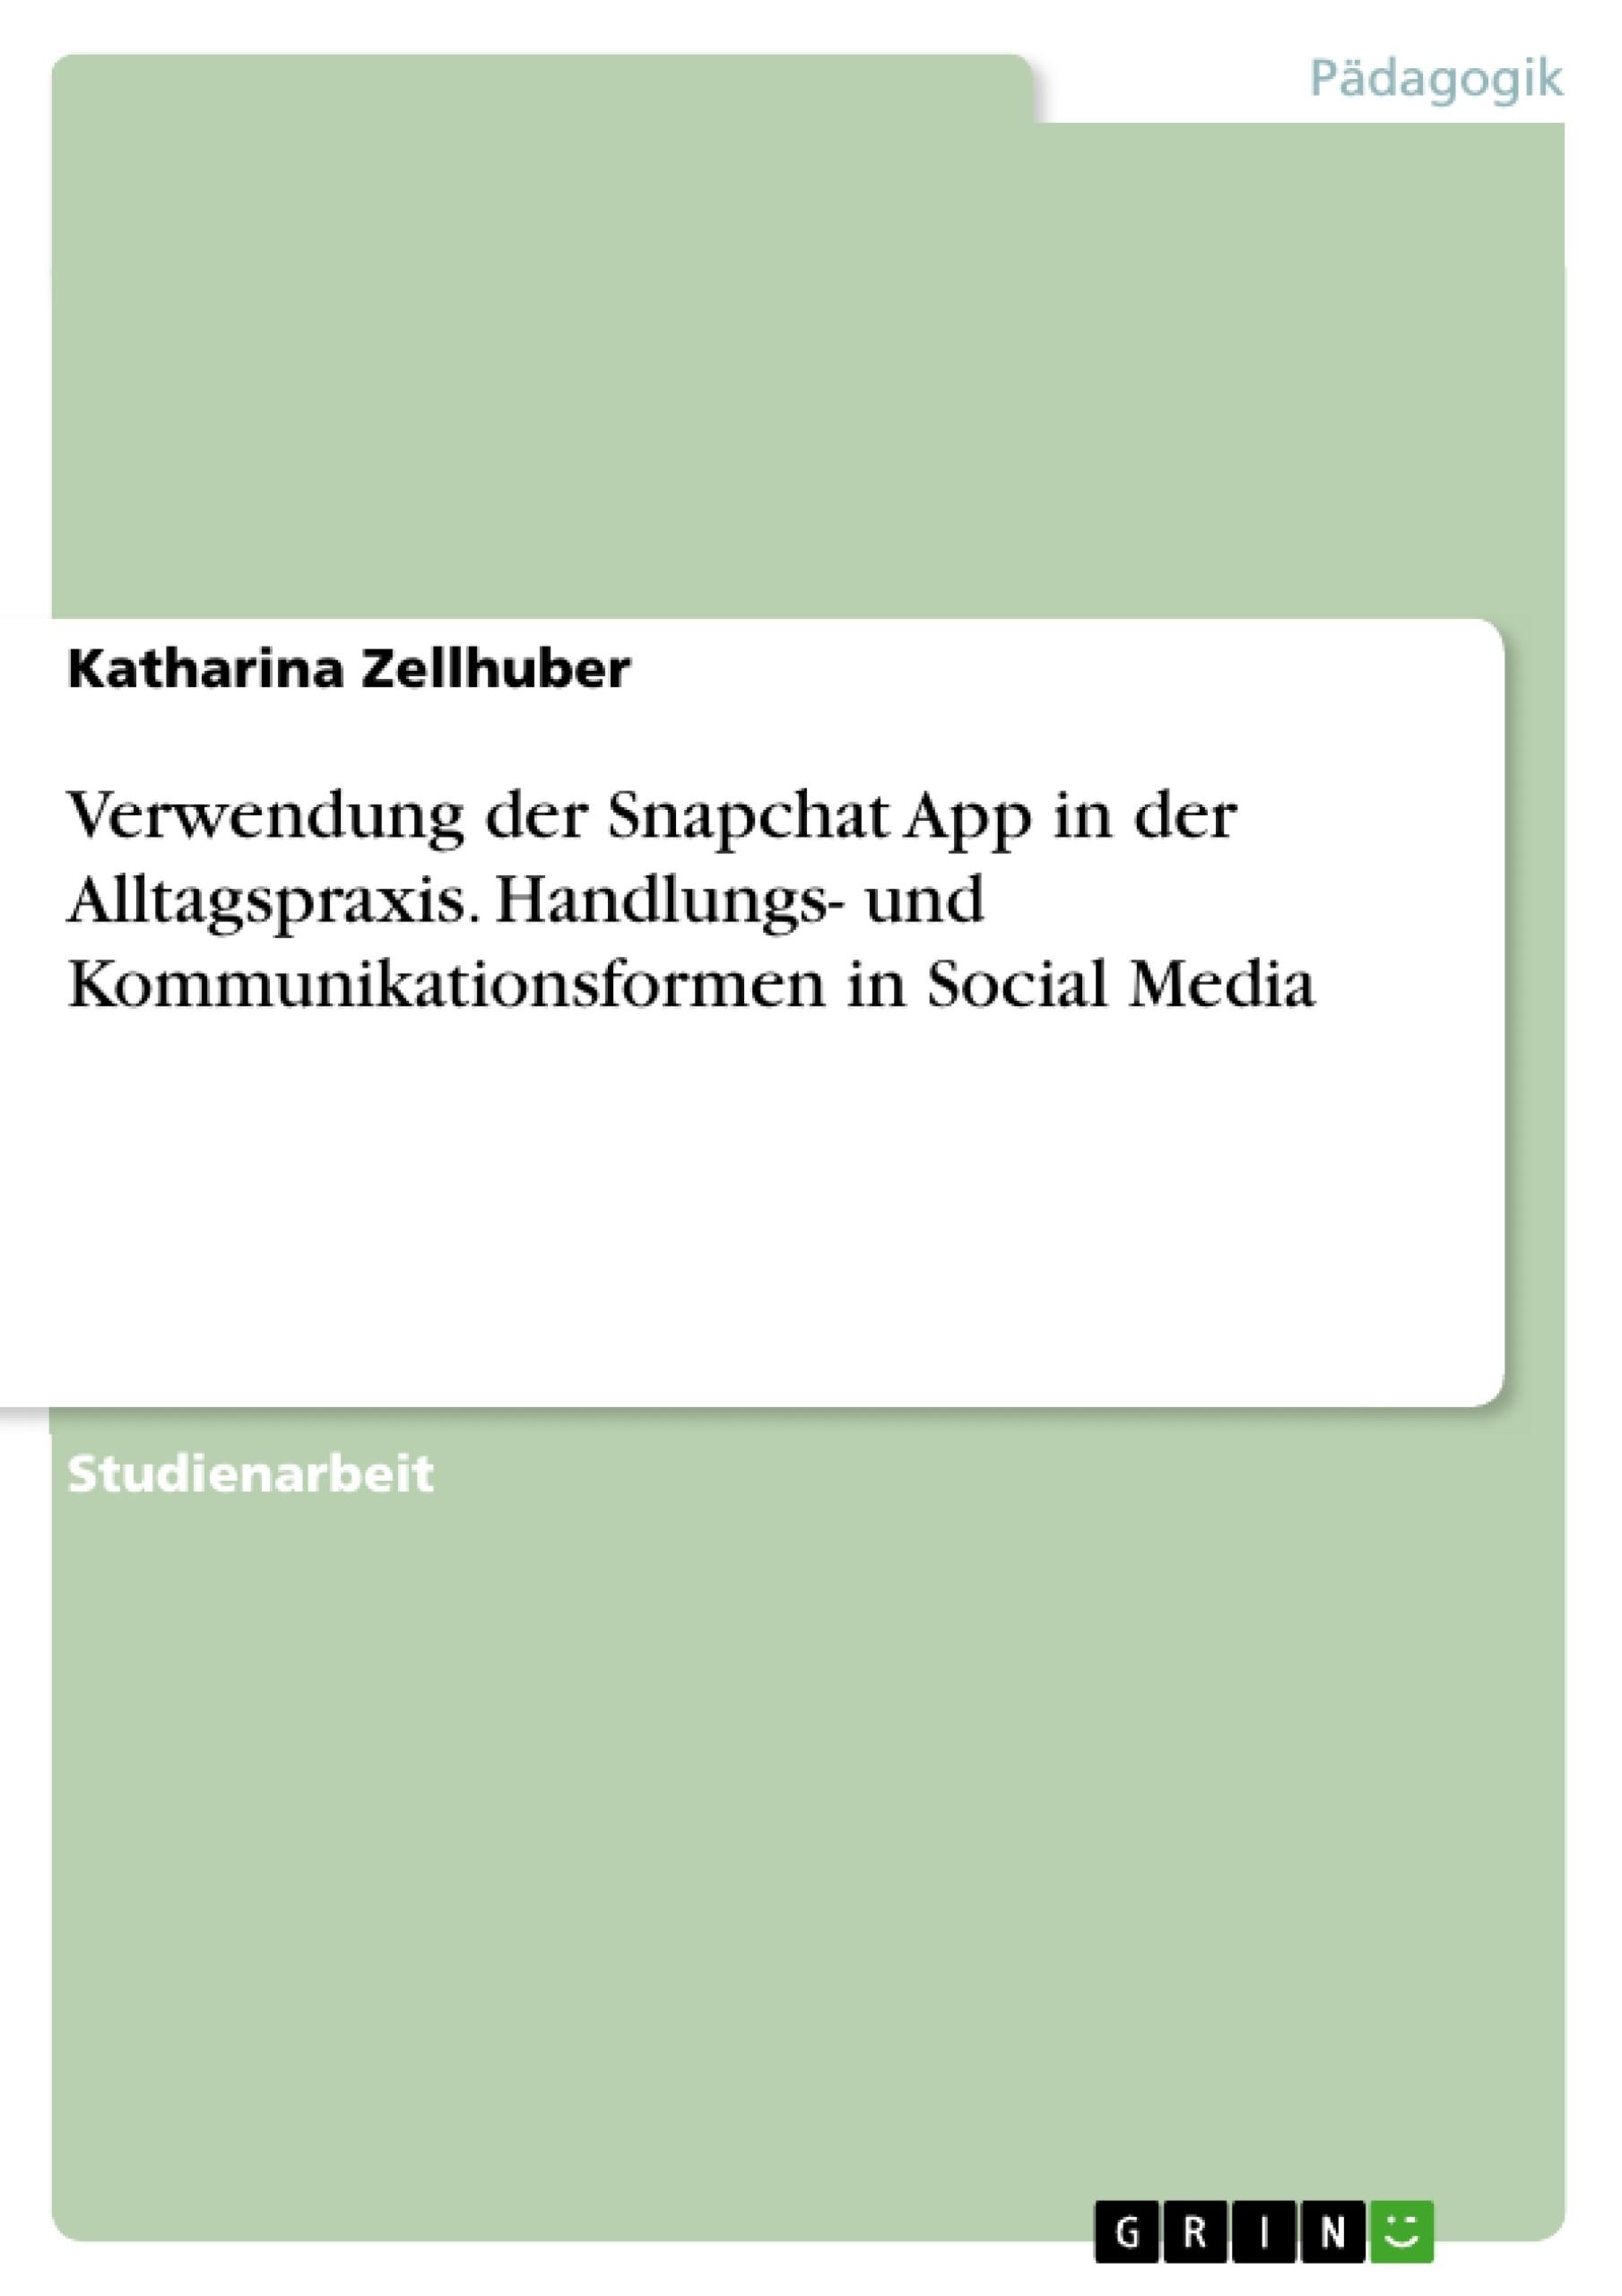 Titel: Verwendung der Snapchat App in der Alltagspraxis. Handlungs- und Kommunikationsformen in Social Media